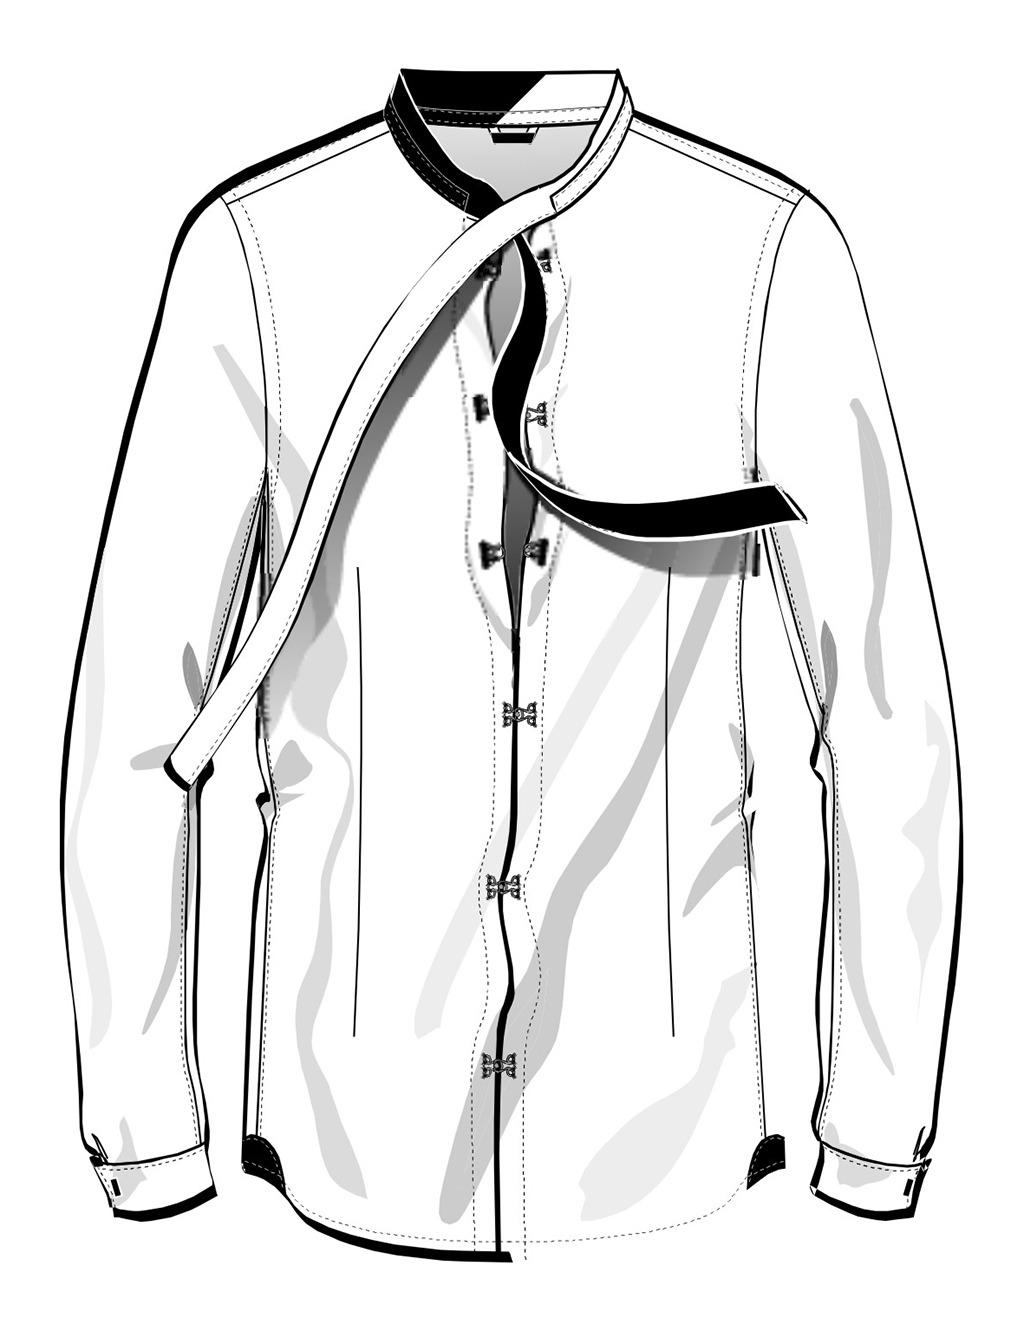 服装设计手稿人体线稿_手稿线稿服装图模板下载图片编号12039050